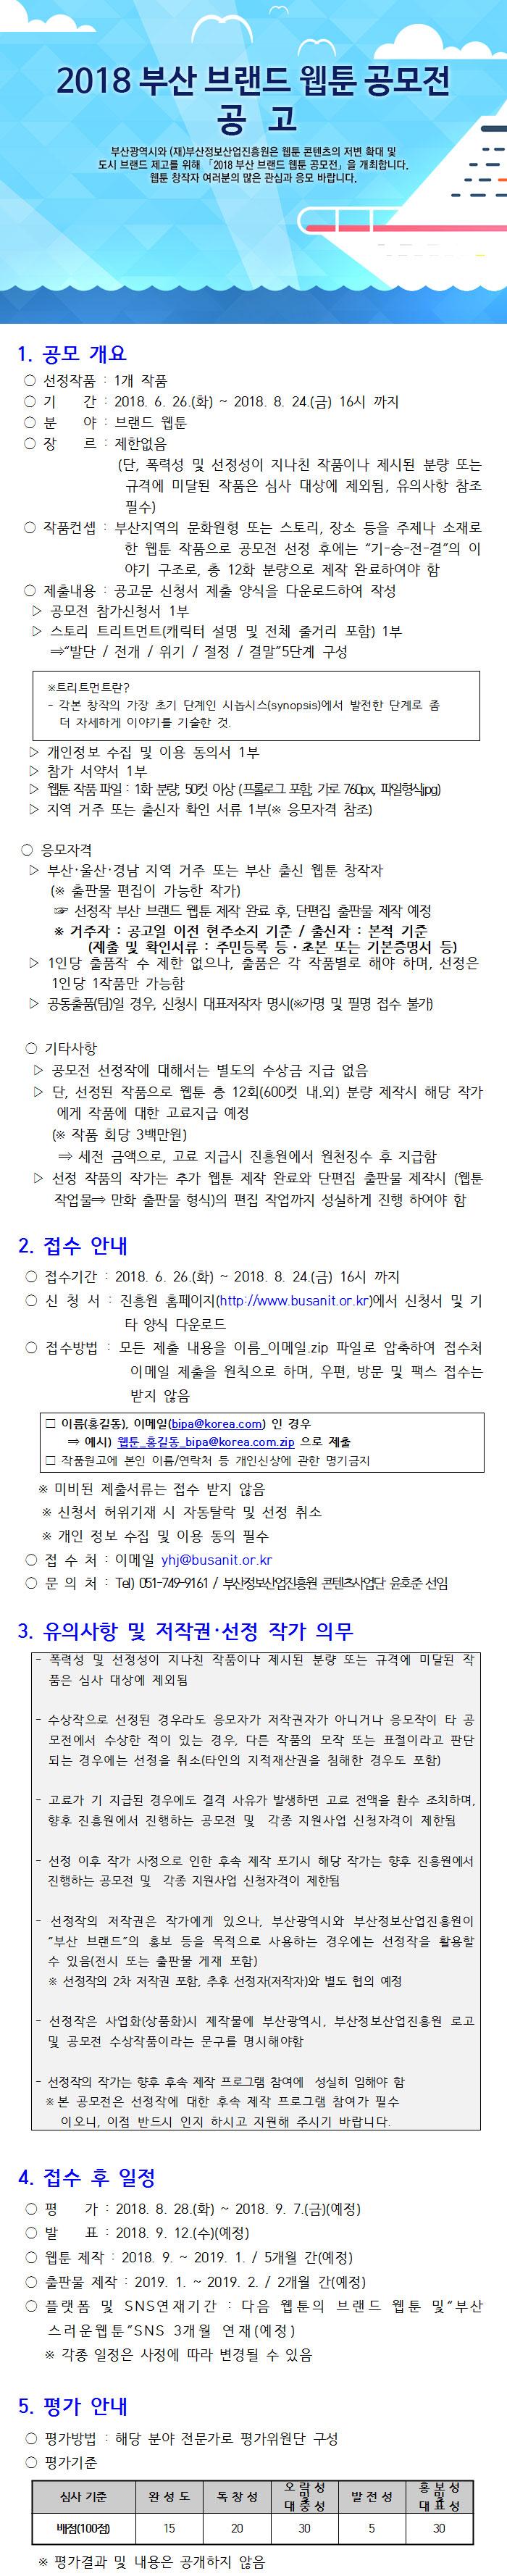 2018 부산 브랜드 웹툰 공모전 공모